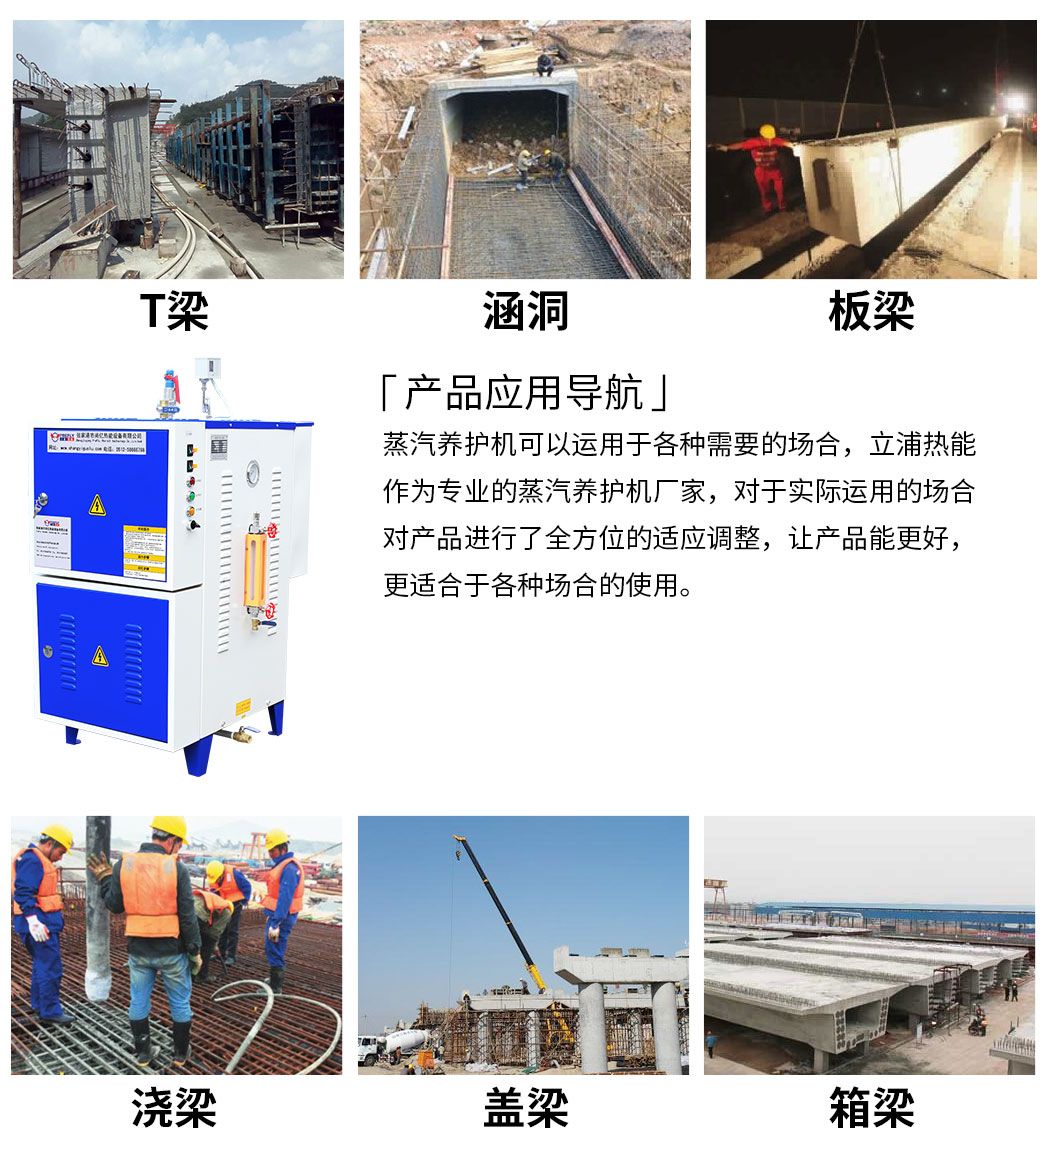 混凝土养护行业用_04.jpg